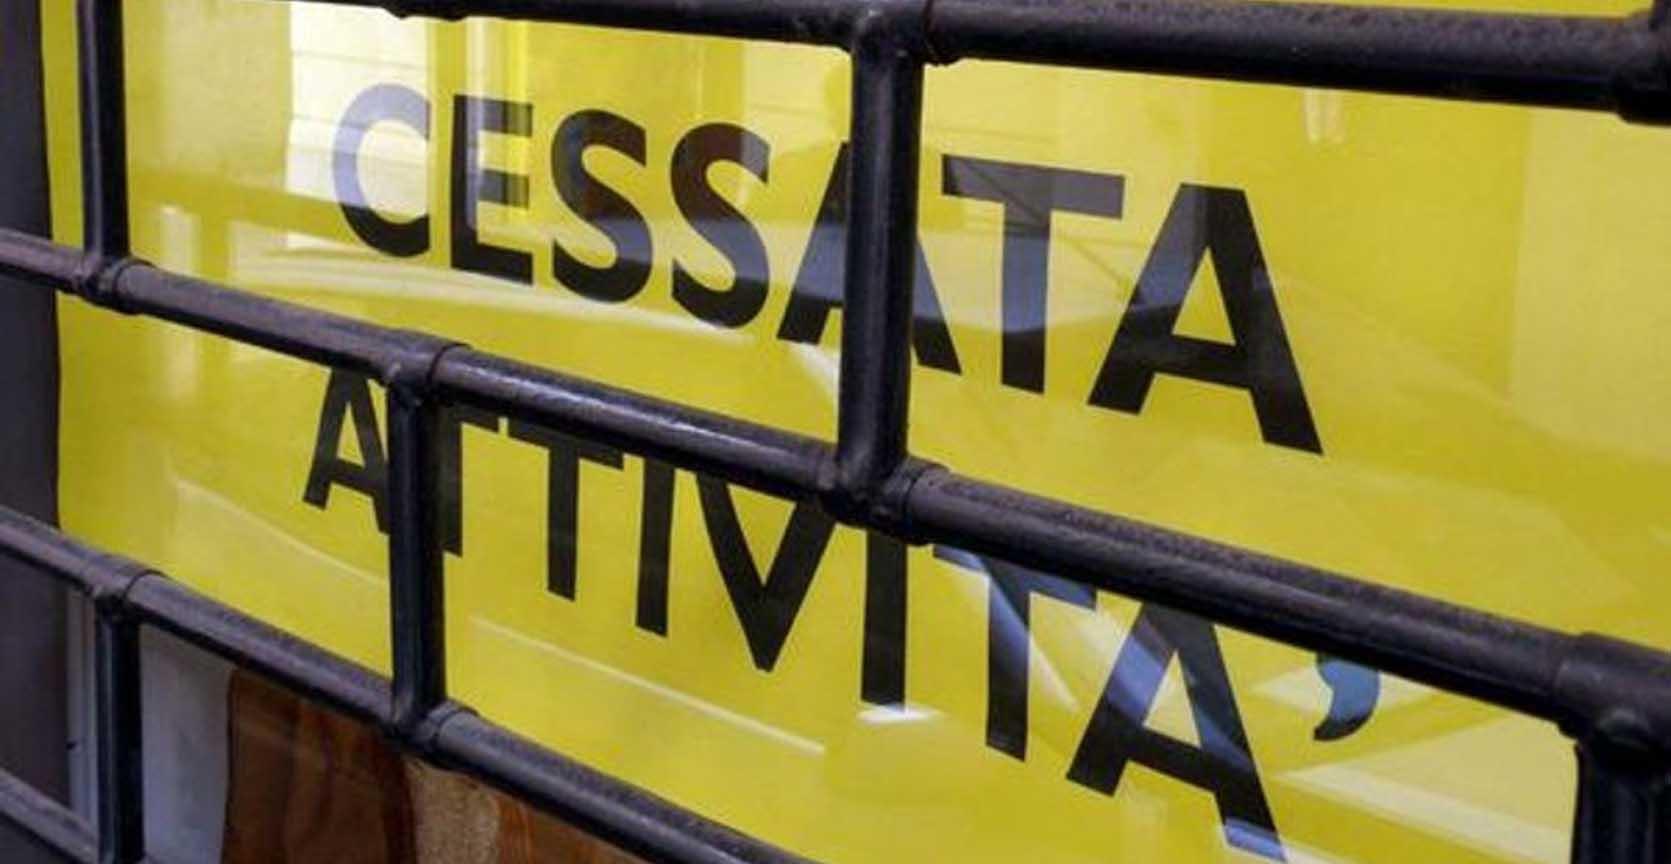 Confesercenti Emilia Romagna